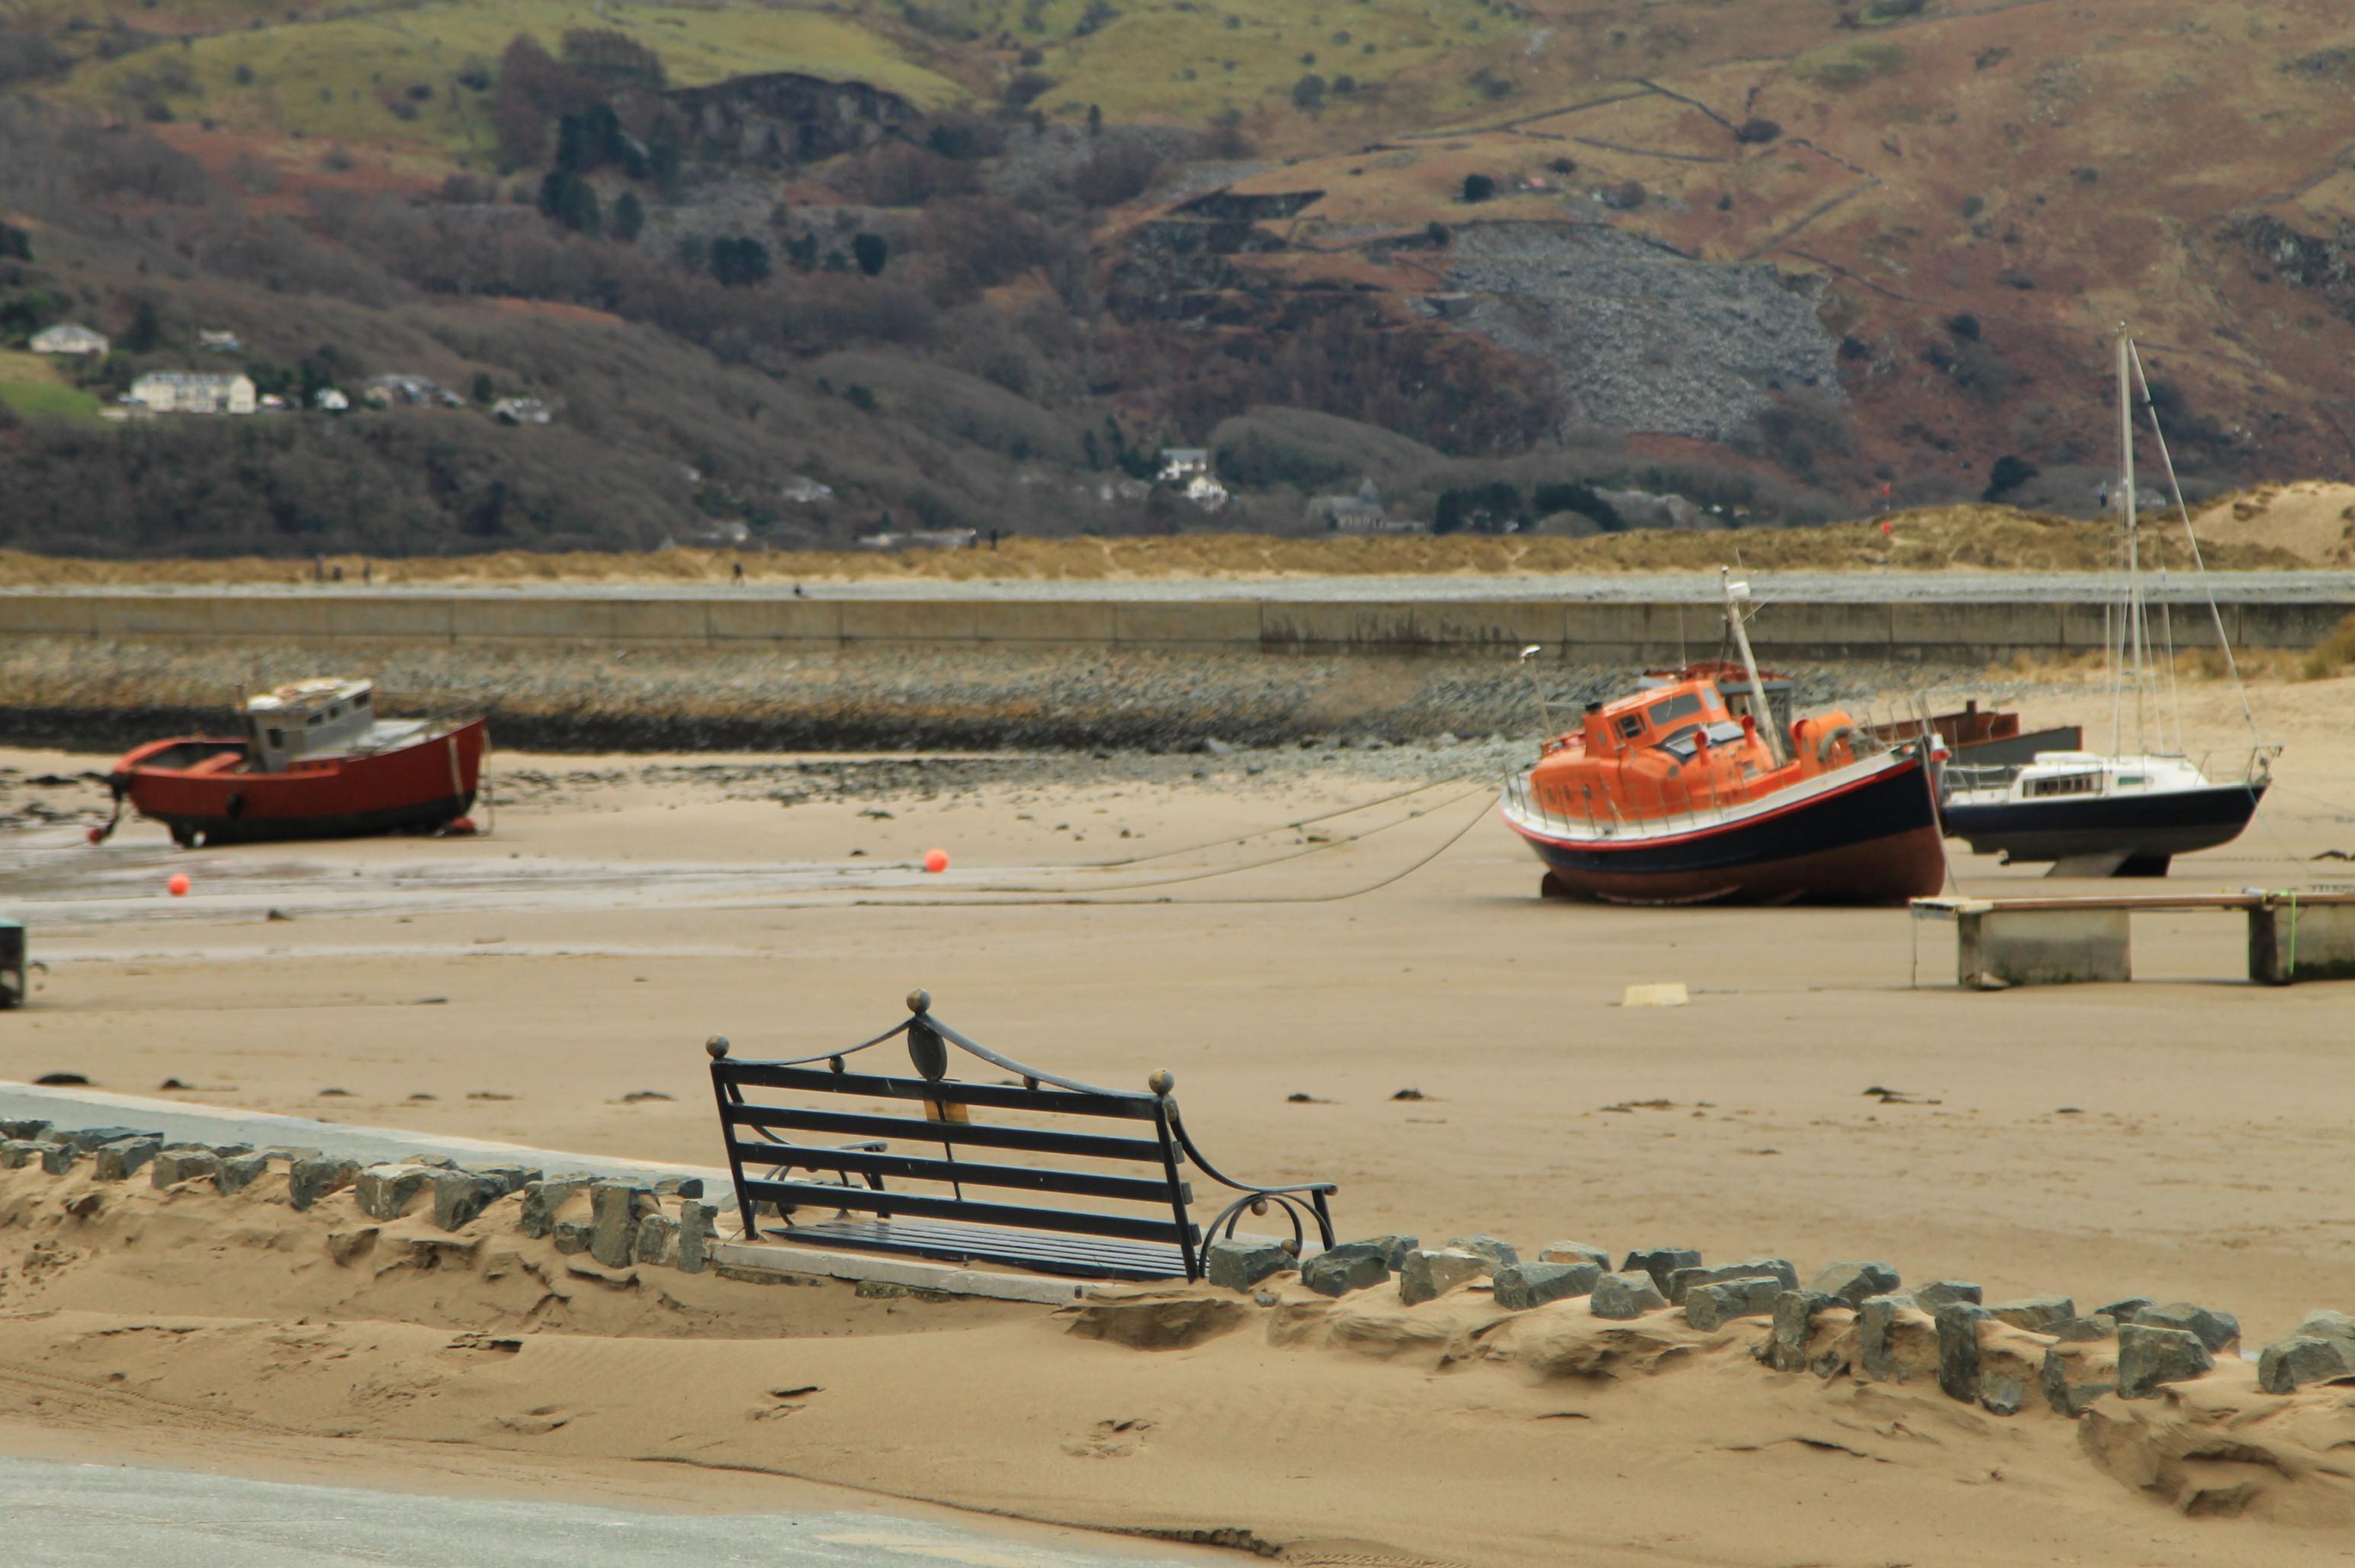 barco laranja abandonado em uma praia no inverno no pais de gales. barmouth.